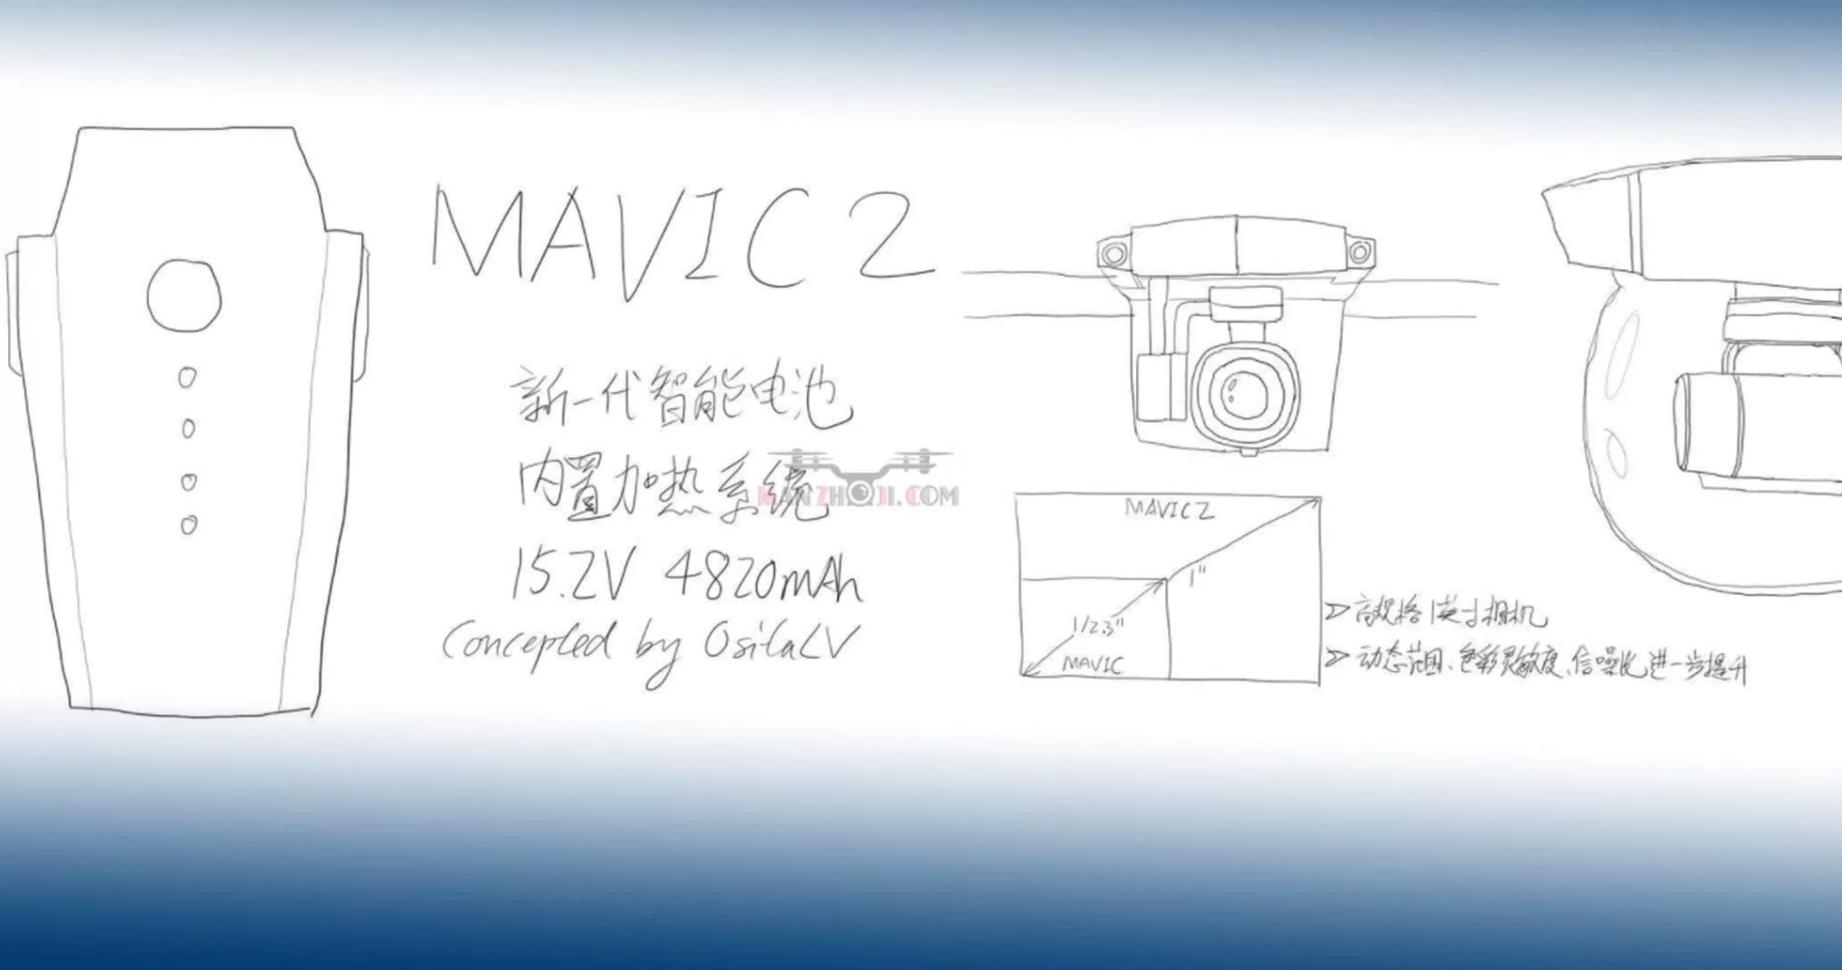 最新リーク情報!Mavic Pro Ⅱは、約14万円で3月22日(木)発売!